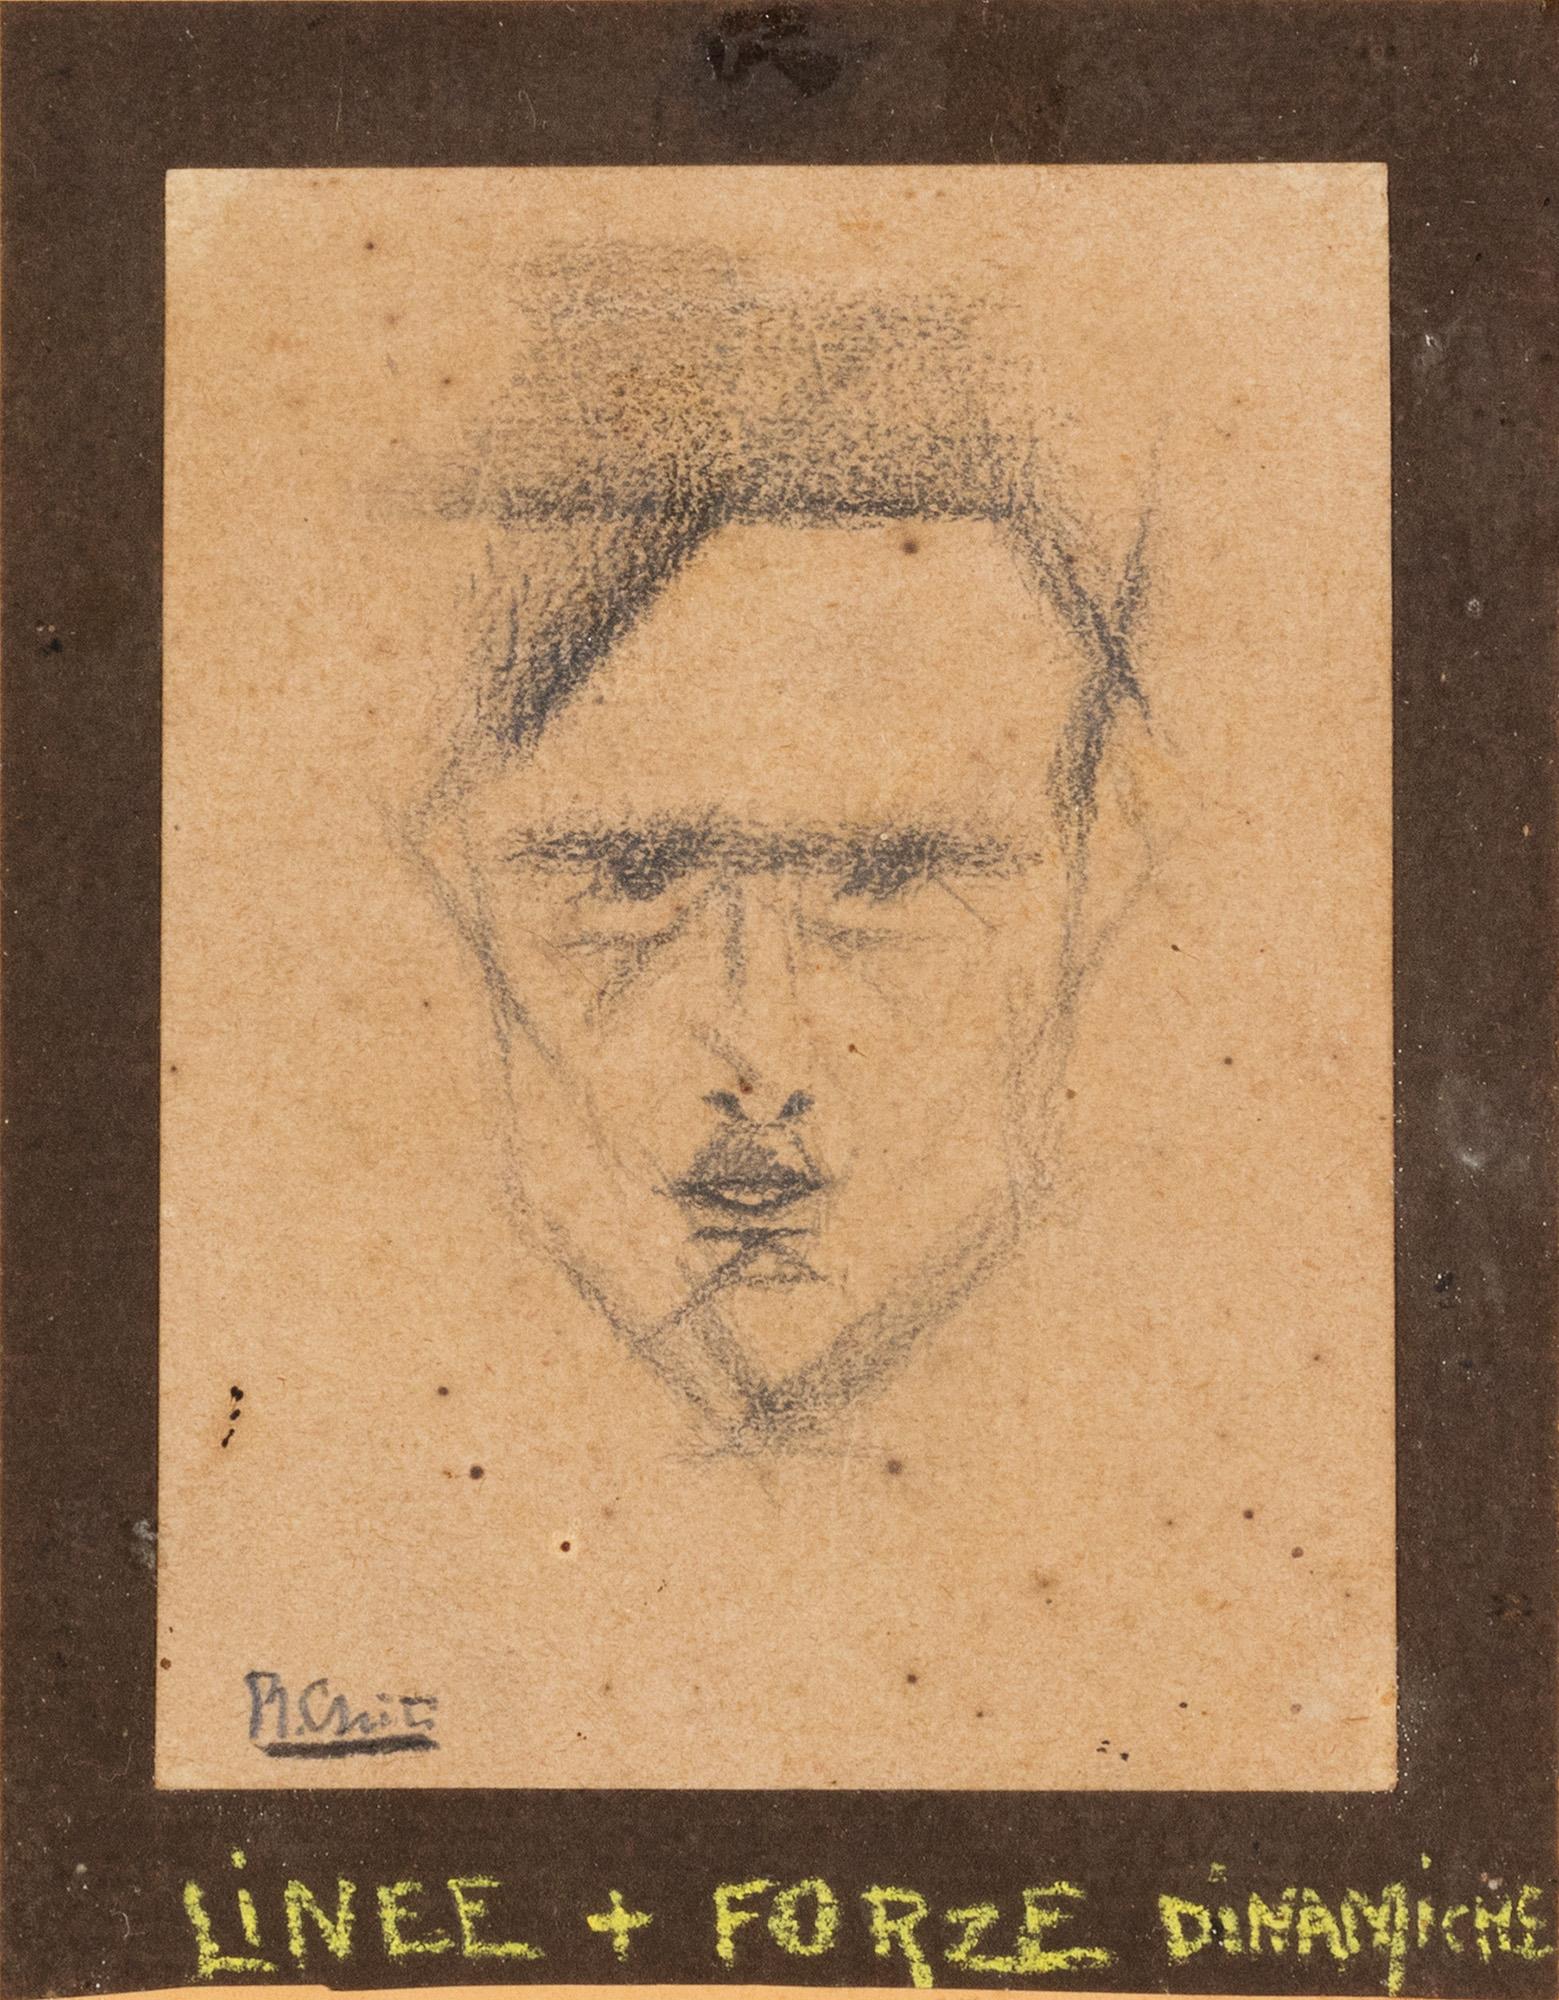 Ritratto di Vasco Battistoni, Linee + forze dinamische, 1916/'17